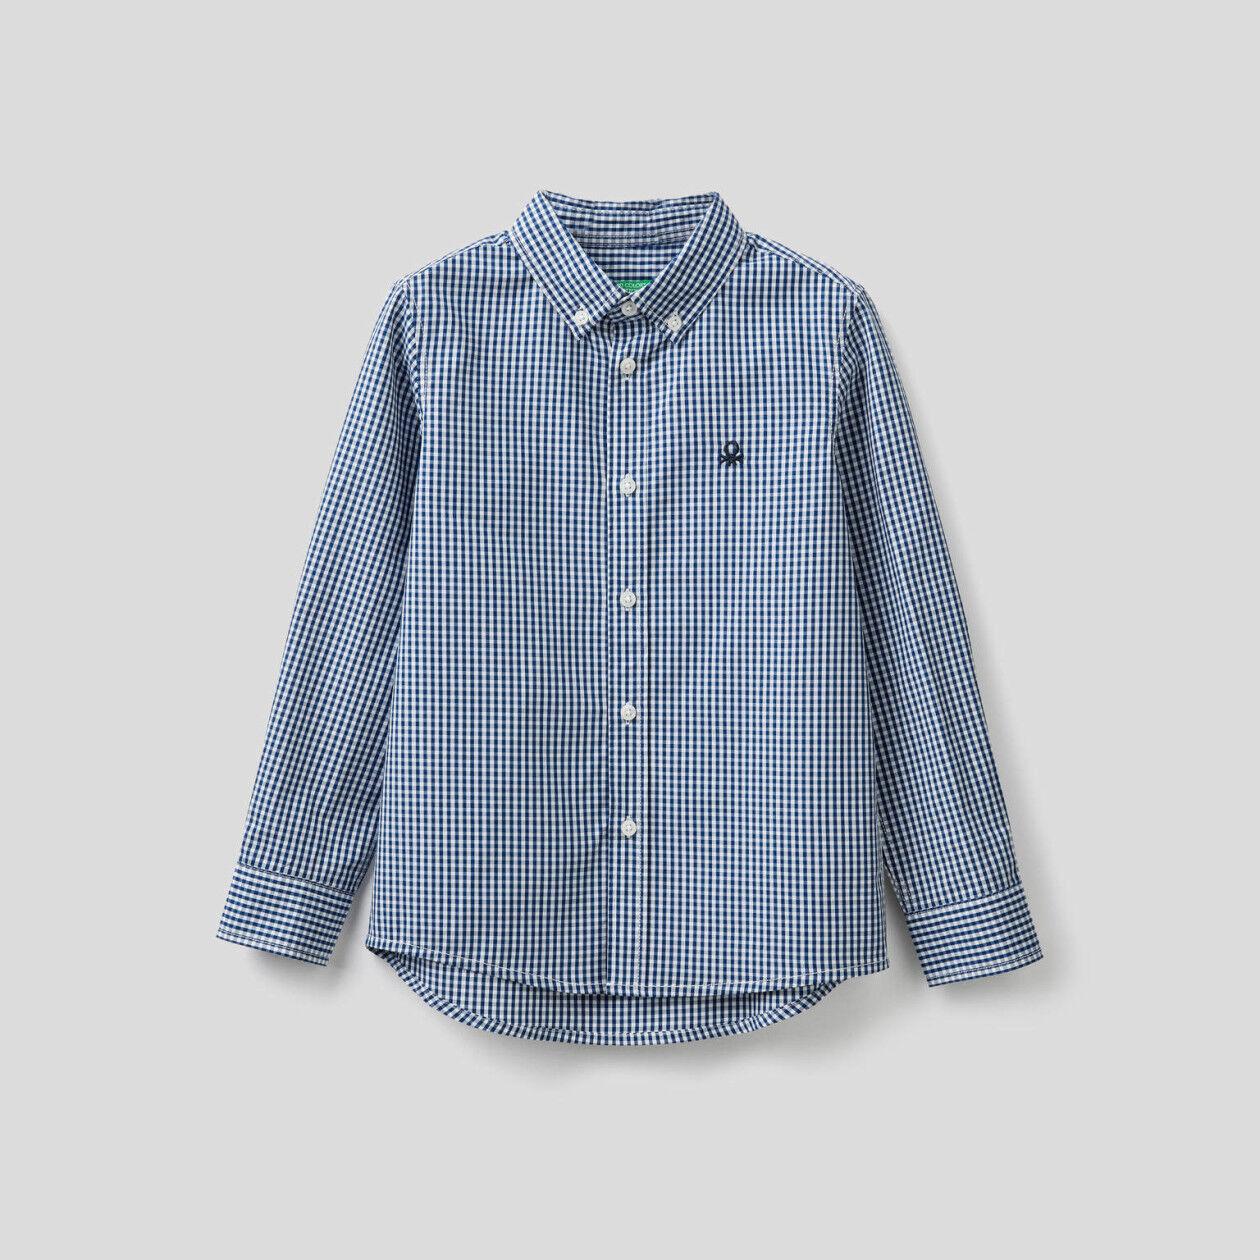 Sportliches Hemd aus reiner Baumwolle mit Vichy-Karo